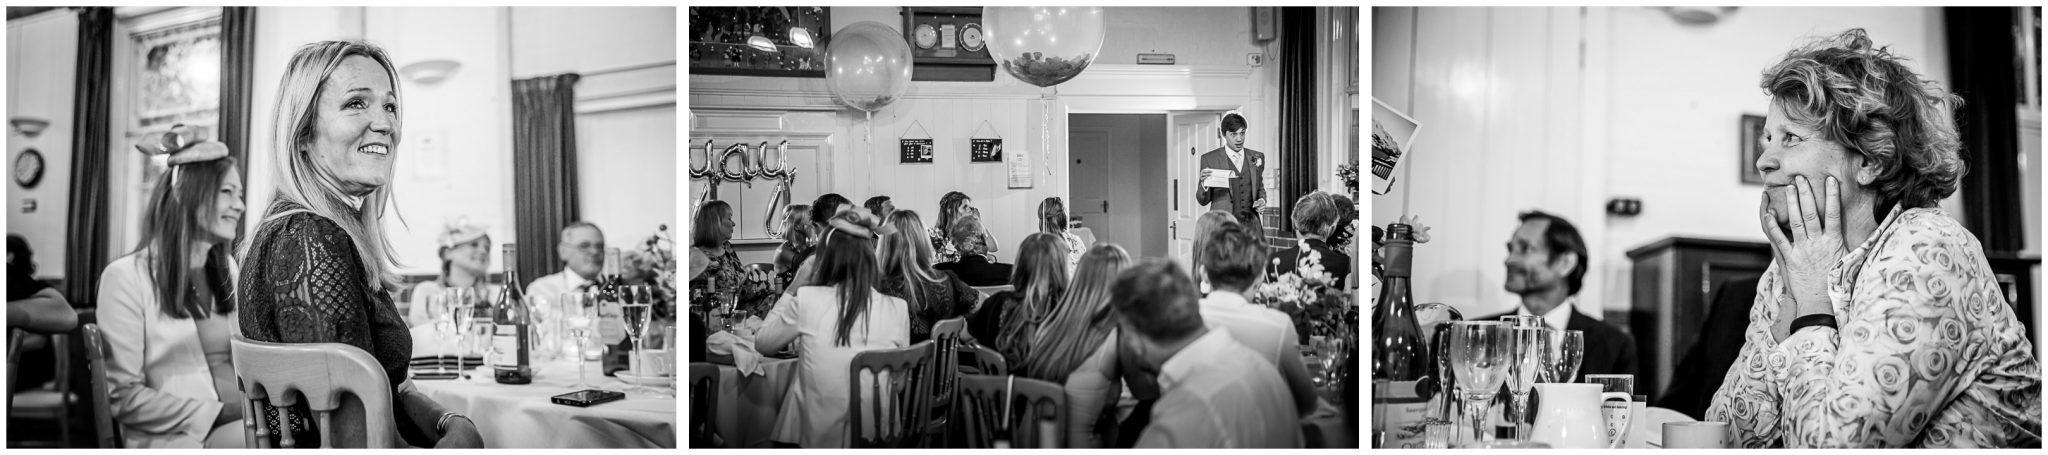 Wedding guests watch the best man's speech